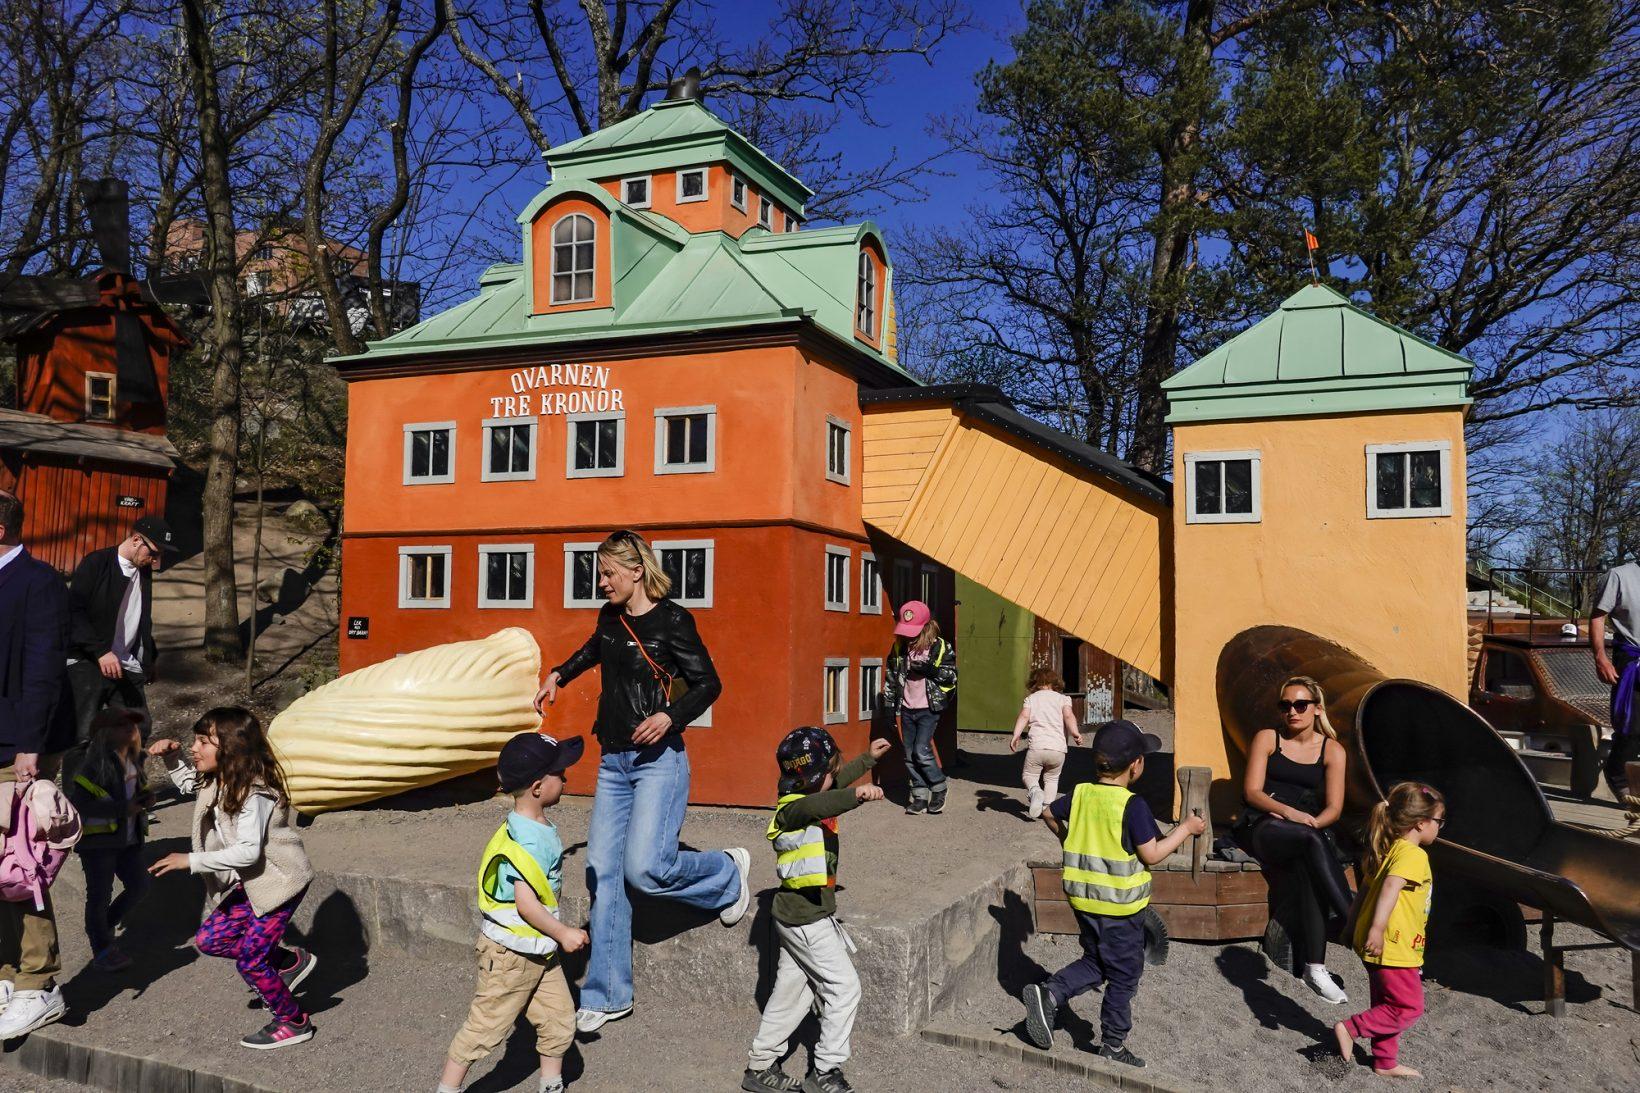 24 апреля 2020г., Стокгольм, Швеция. Дети играют надетской площадке